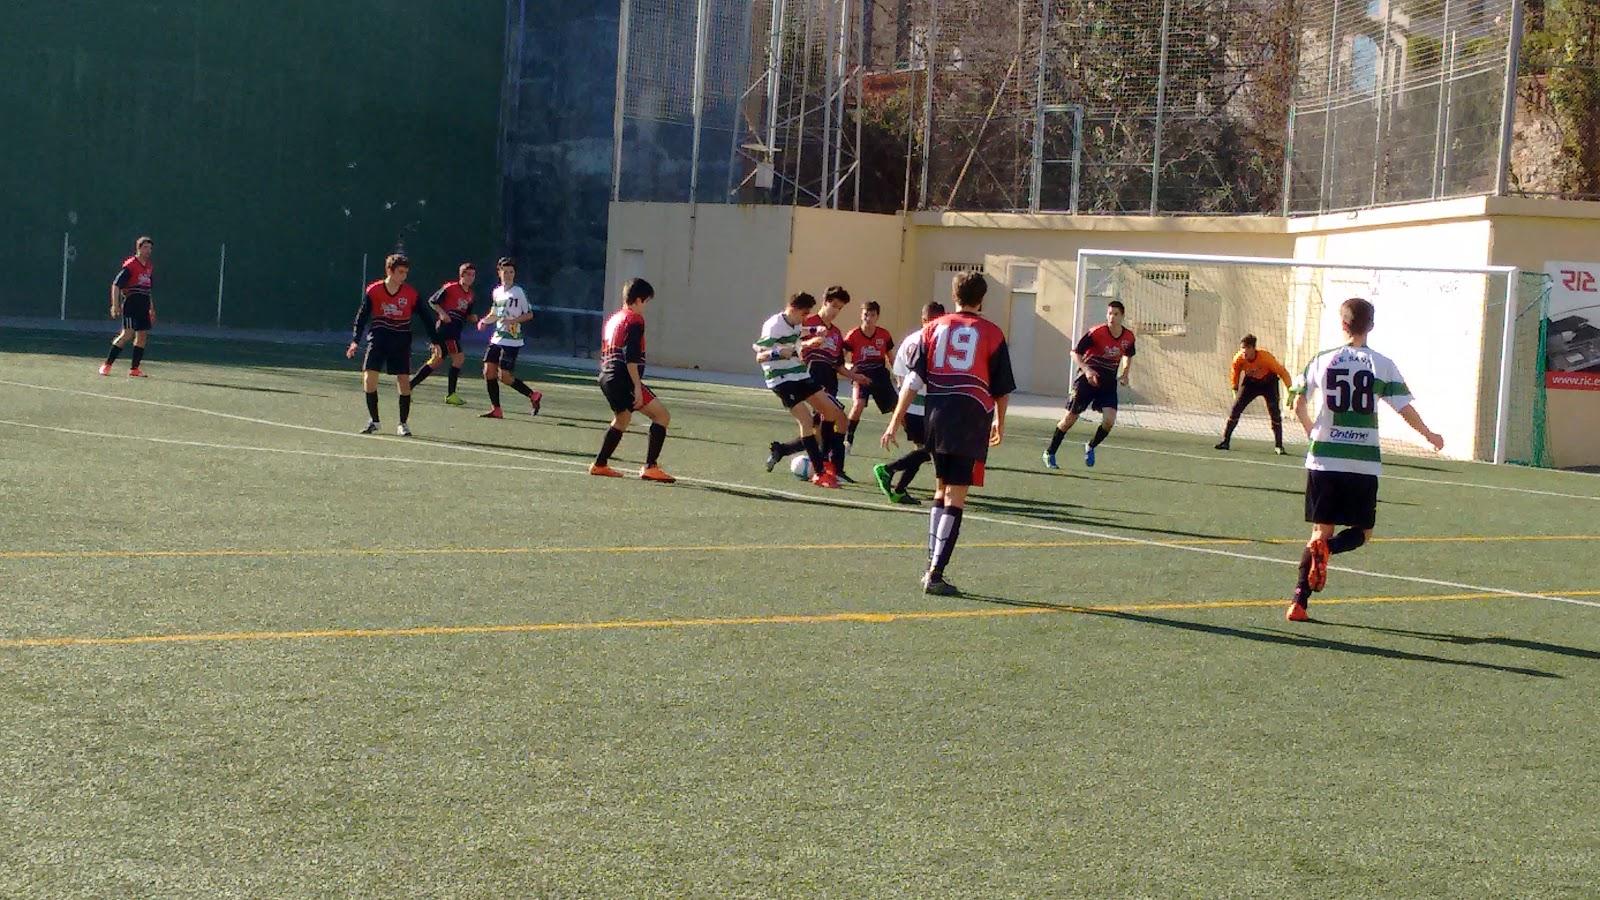 La salle bonanova futbol juvenil b 2015 16 esperando for Piscina la salle bonanova